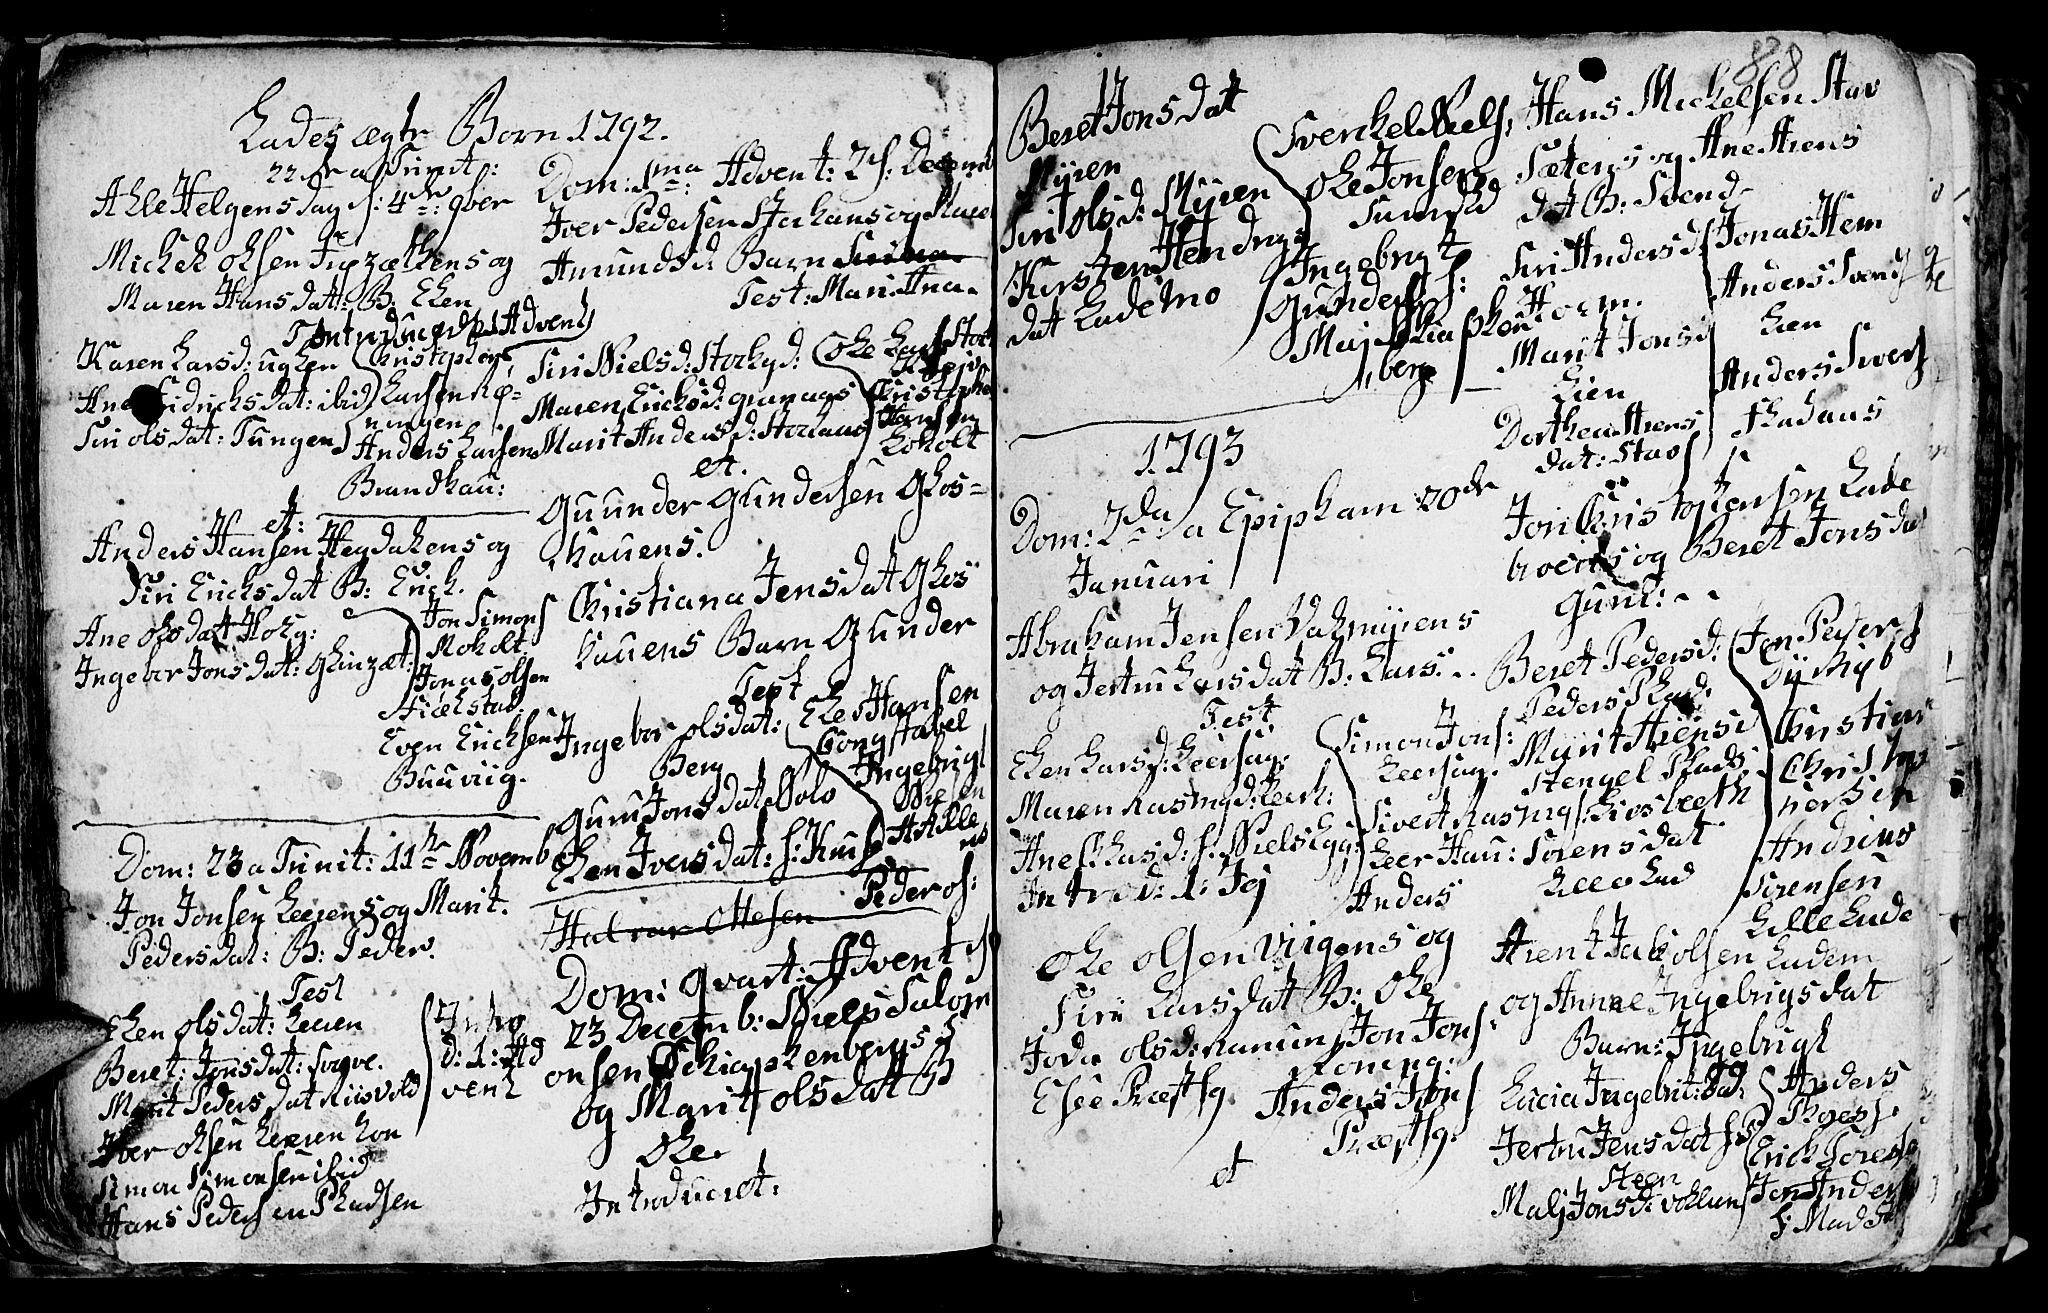 SAT, Ministerialprotokoller, klokkerbøker og fødselsregistre - Sør-Trøndelag, 606/L0305: Klokkerbok nr. 606C01, 1757-1819, s. 88